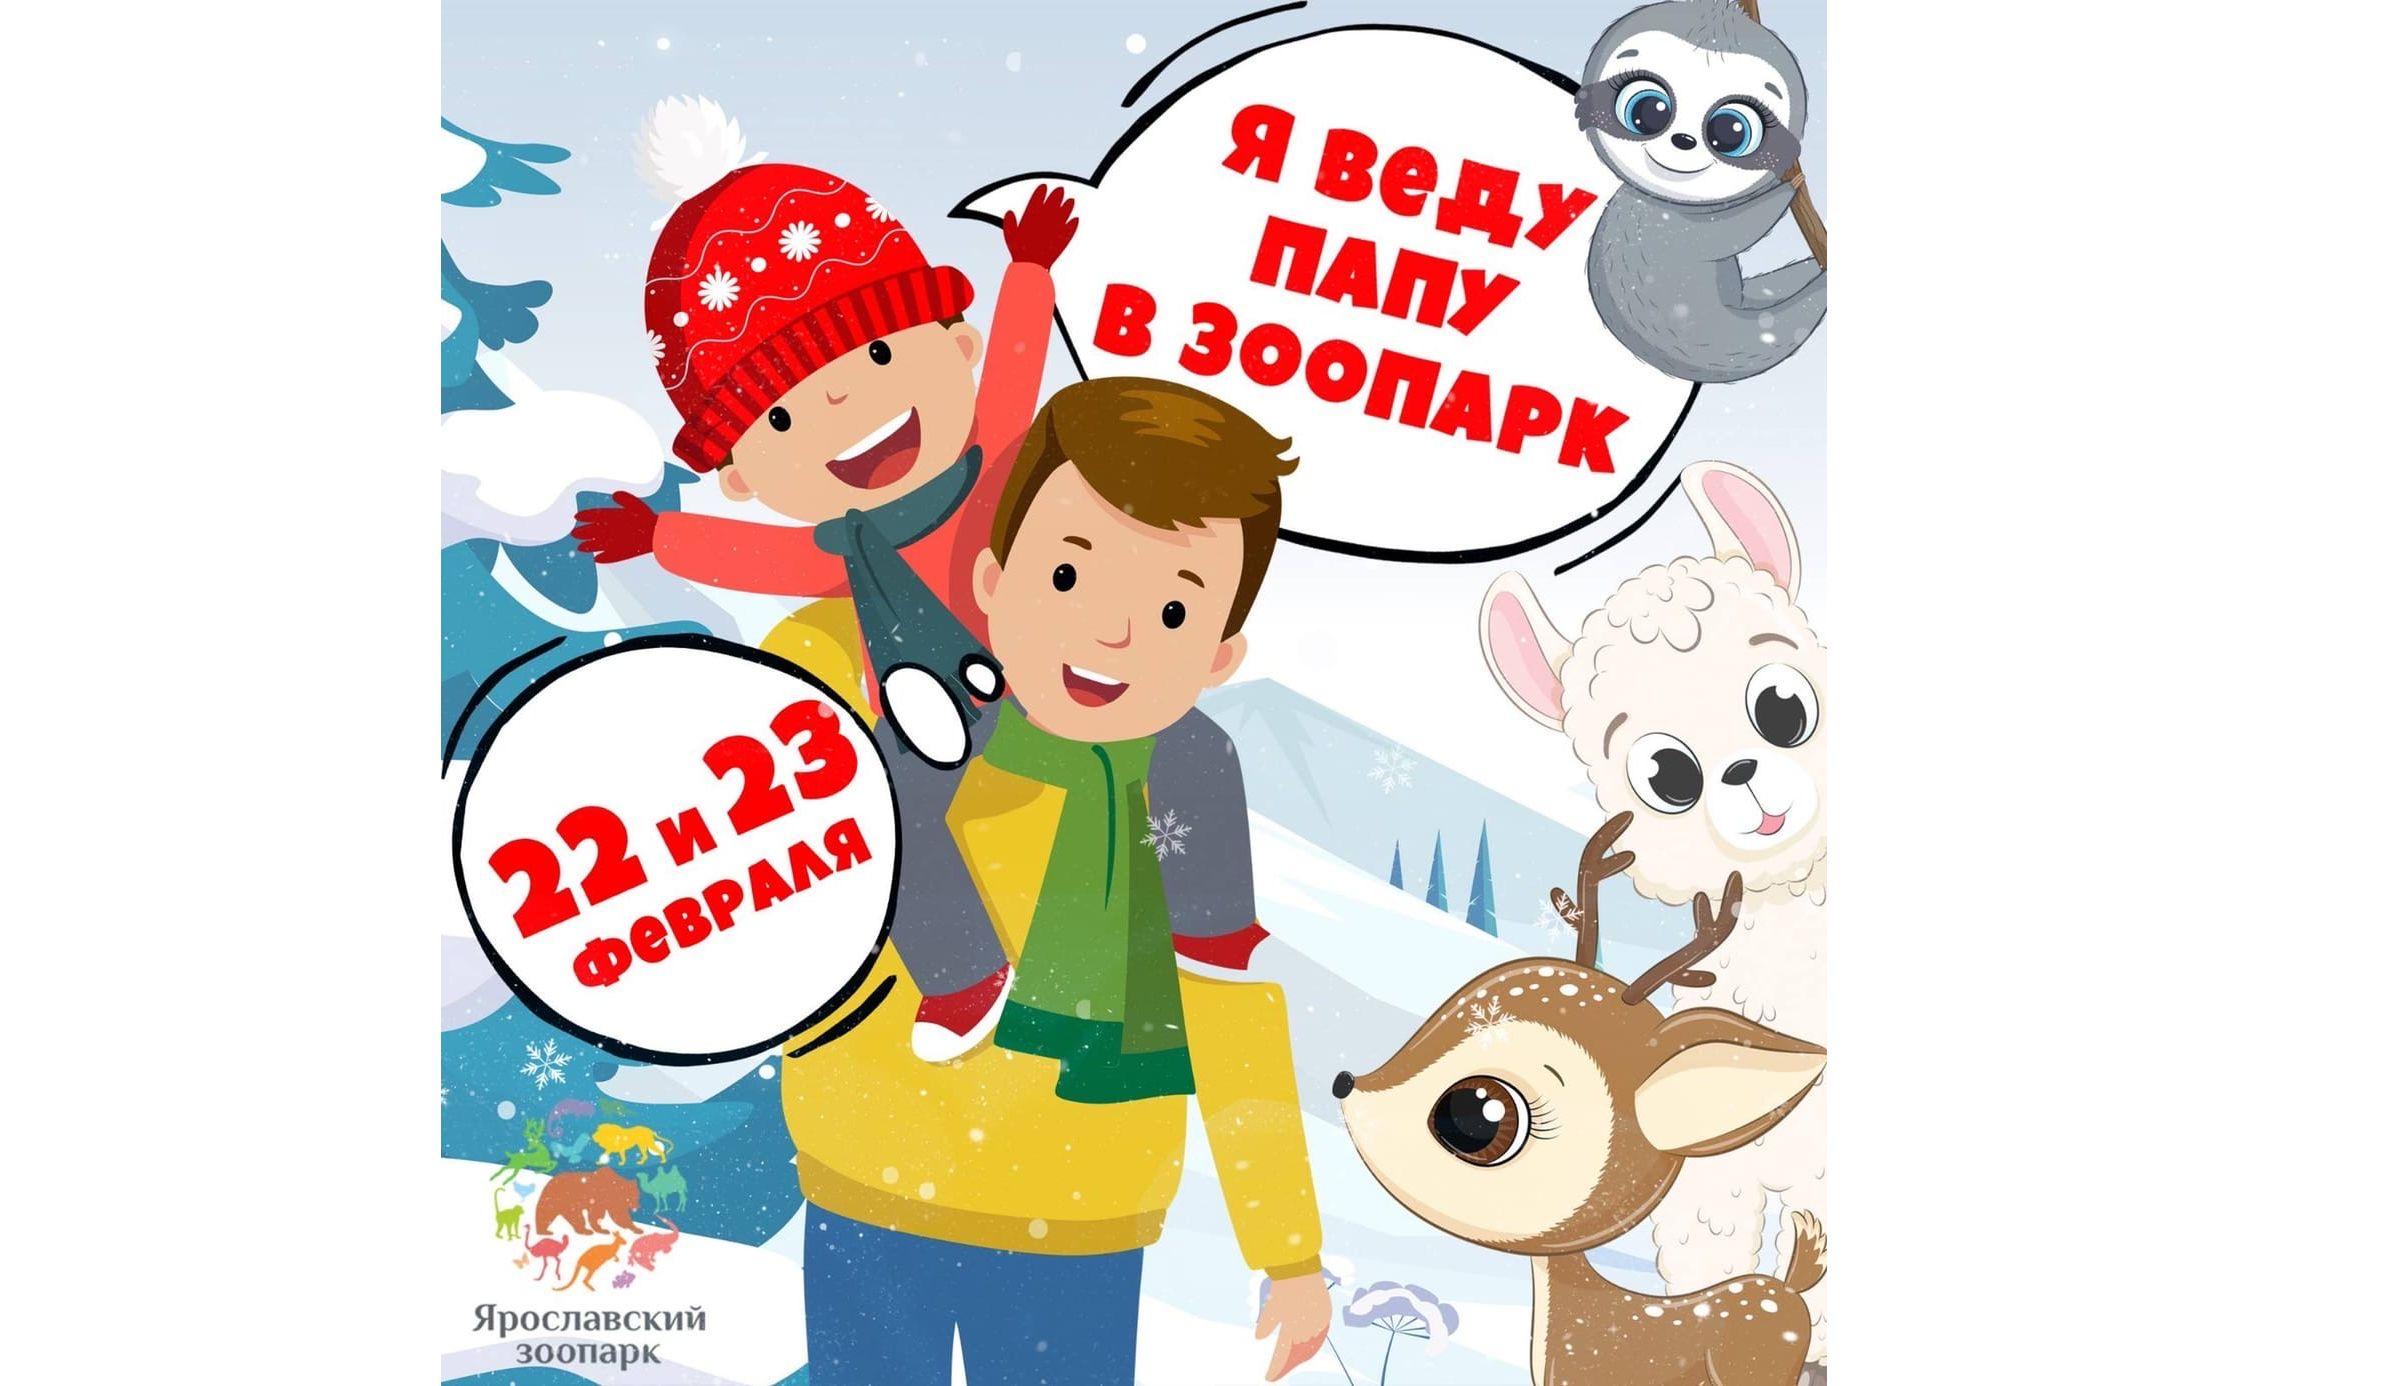 Отцы с детьми в Ярославле в праздники могут бесплатно посетить зоопарк